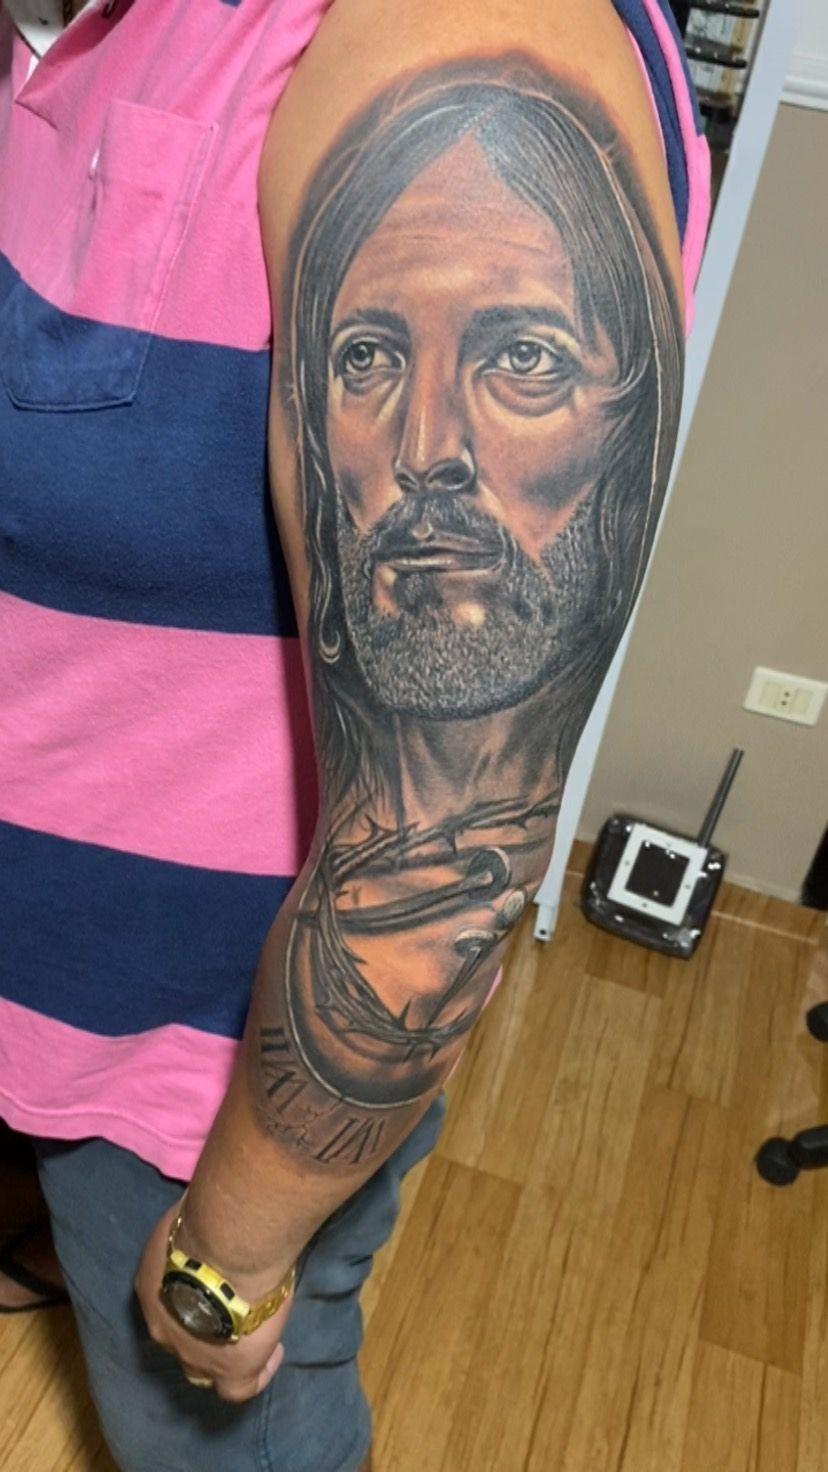 """Tandu Tattoo since 2003 on Instagram: """"Tatuagem simbolizando a fé feita em 5 horas com muito amor e dedicação a Arte  #jesús #tattoorealism #tttoorealismo #condominioacapulco…"""""""